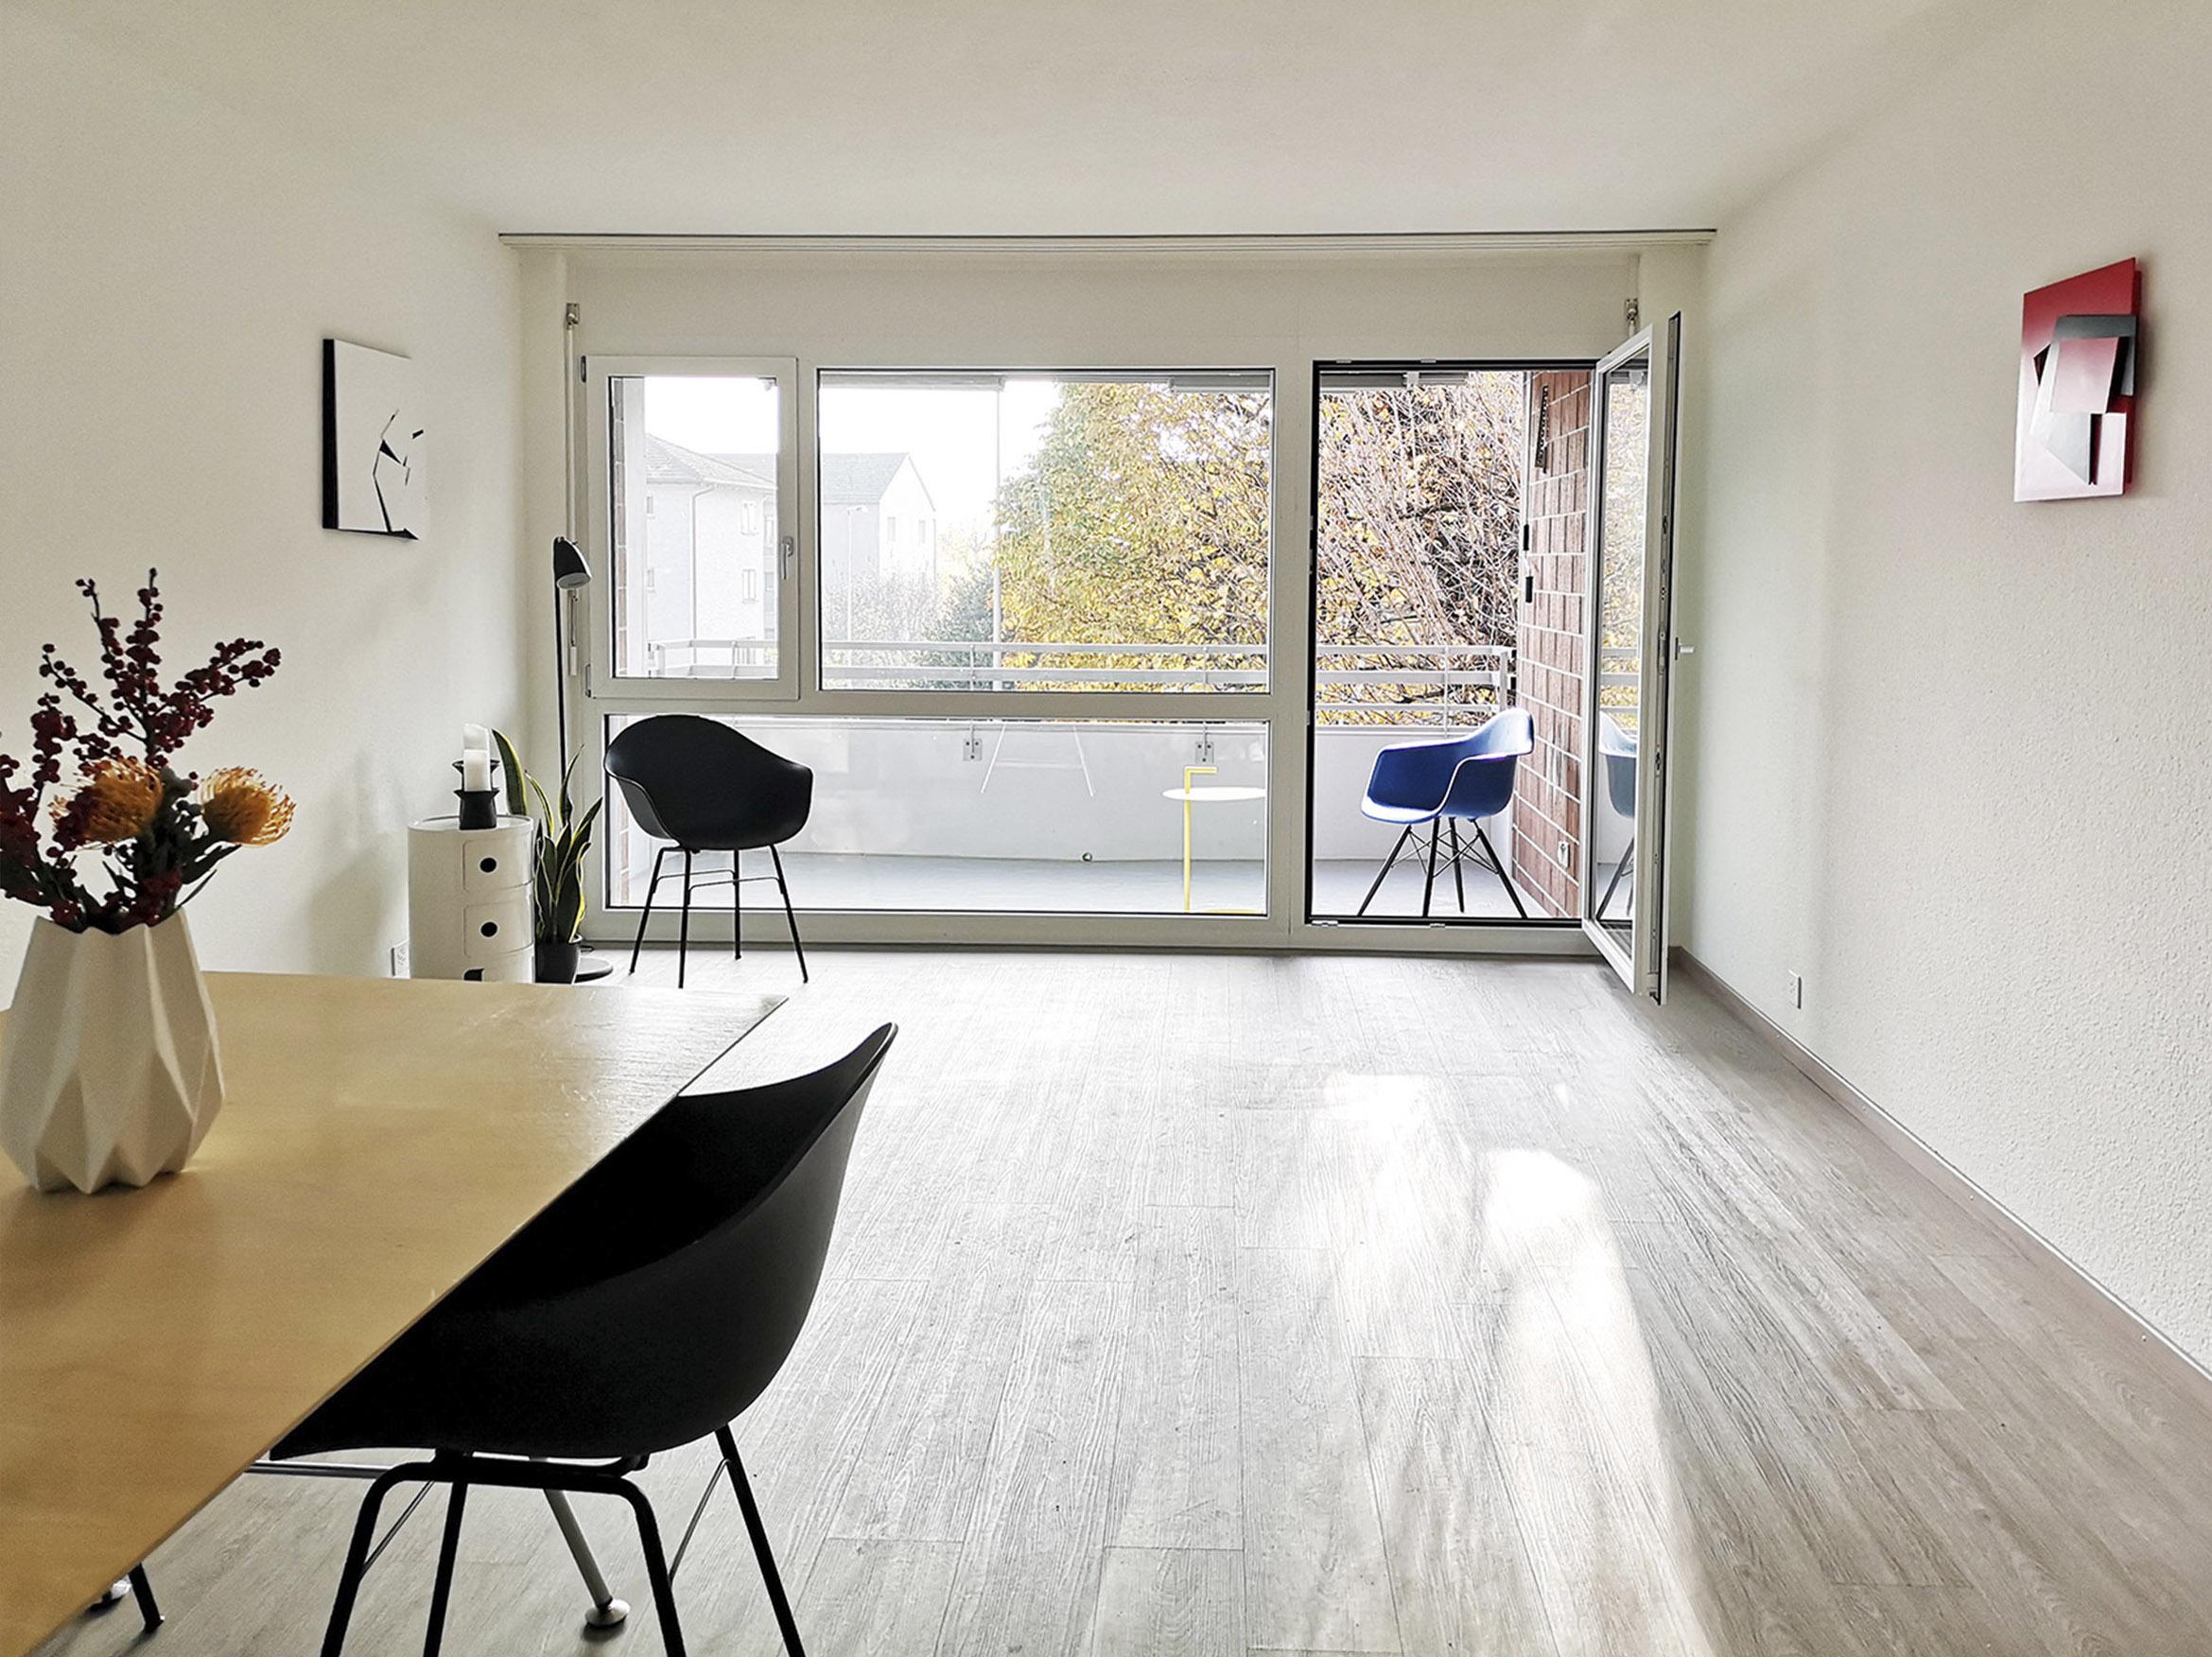 Küche-Essen-Wochen-Balkon: Durchwohnen